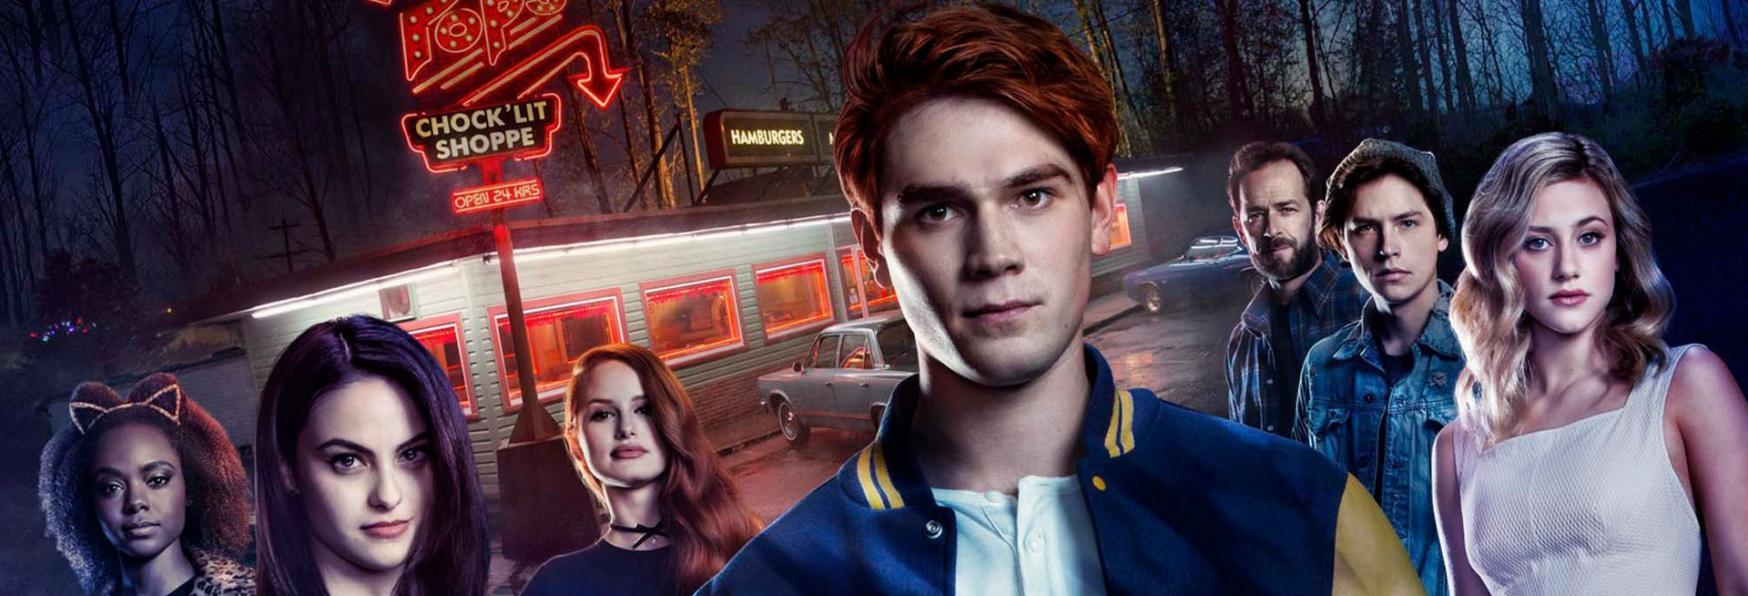 Riverdale: la Recensione dell'Episodio 4x03 della Serie TV di The CW